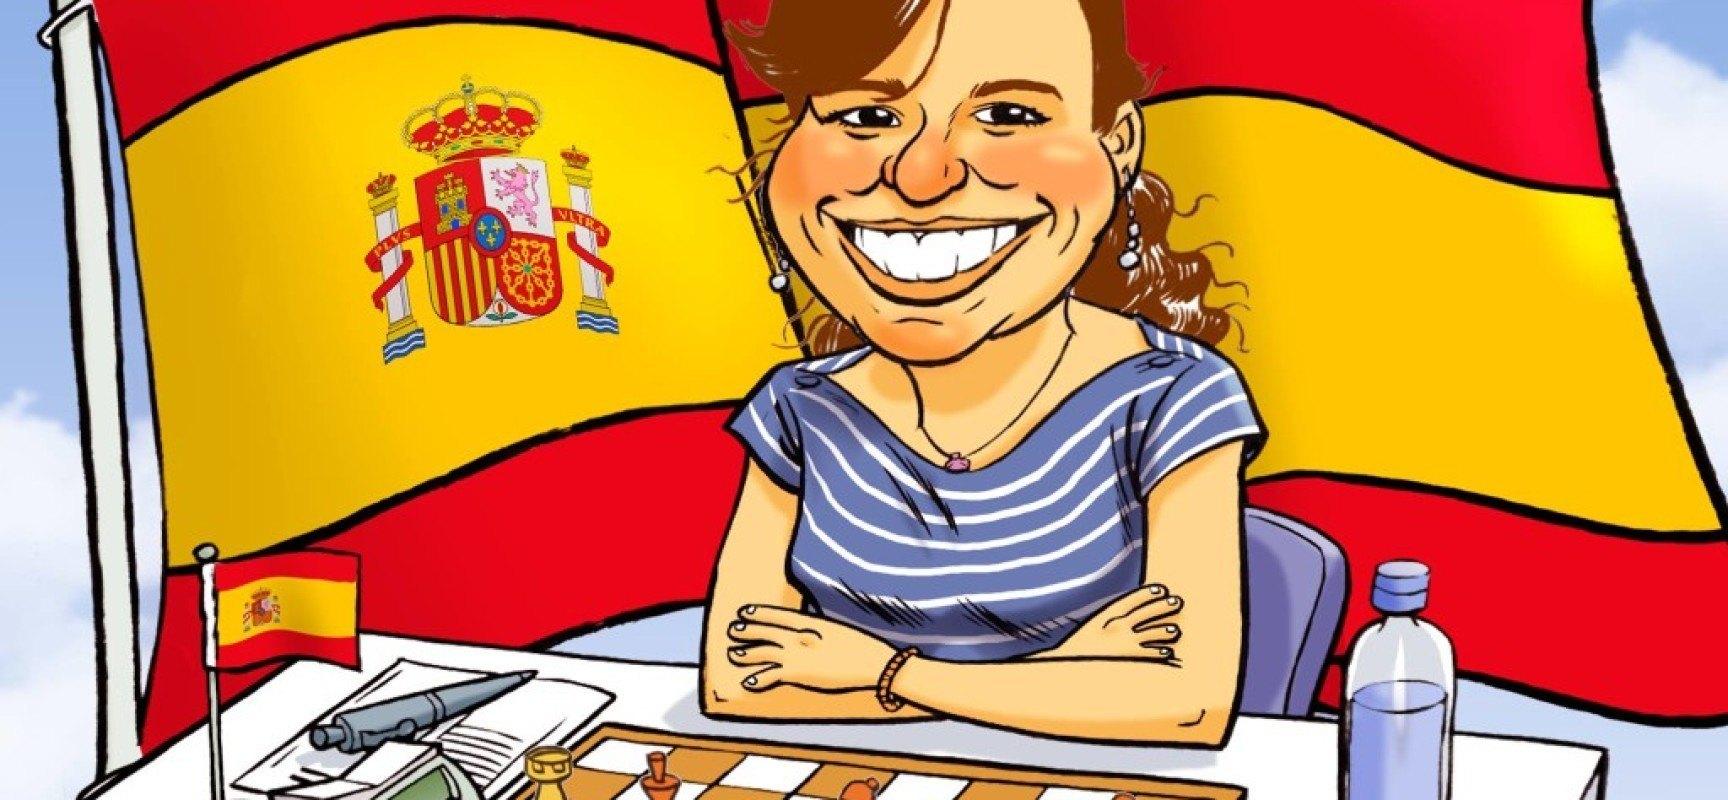 Sabrina Vega, Campeona de España de Ajedrez: «El ajedrez te hace pensar, algo fundamental para la vida» + Ramón y Cajal